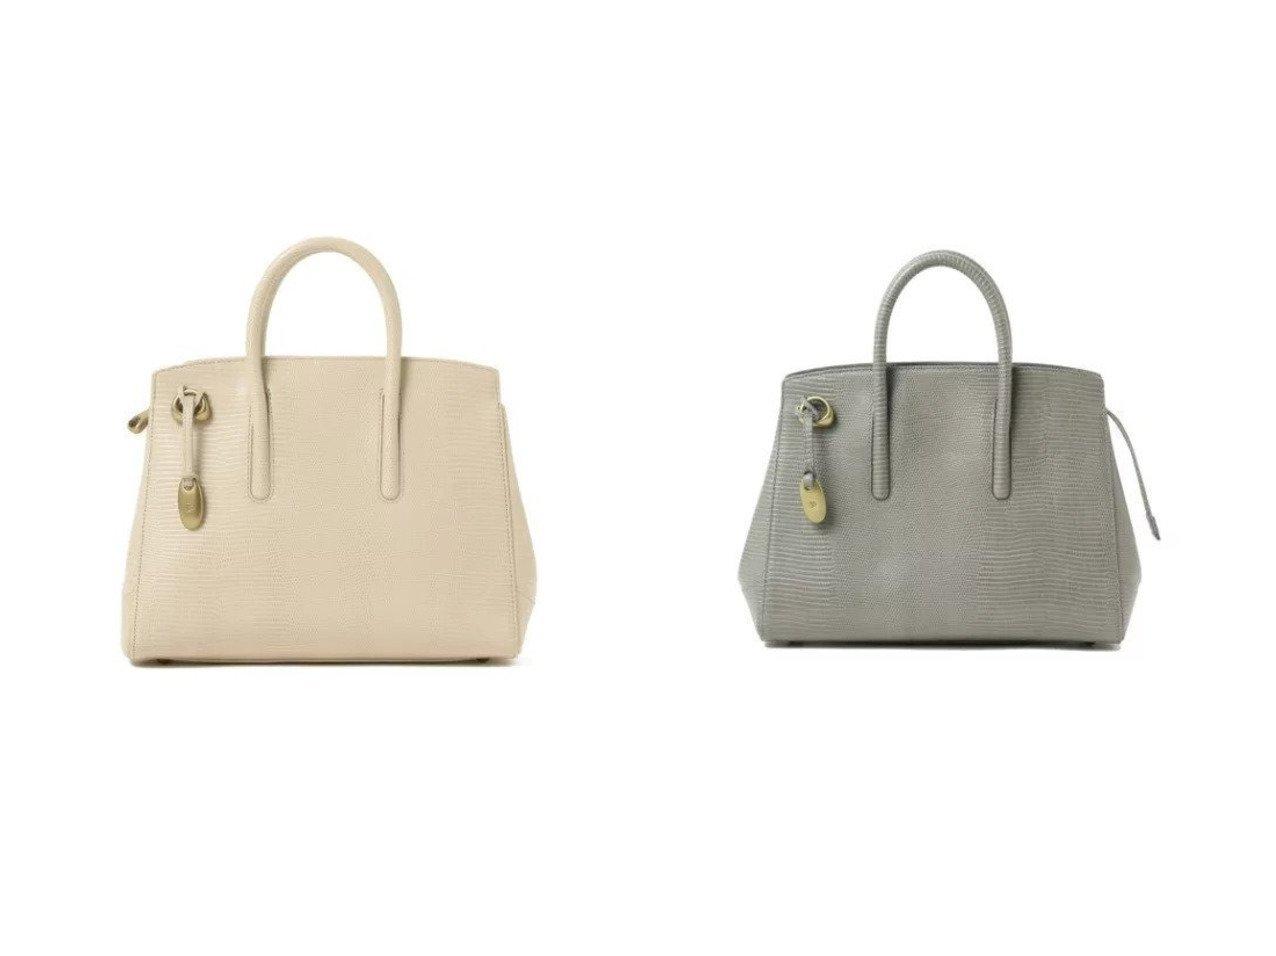 【Demi-Luxe BEAMS/デミルクス ビームス】のTOFF& ジョリーリザード トートバッグ M バッグ・鞄のおすすめ!人気トレンド・レディースファッションの通販 おすすめで人気のファッション通販商品 インテリア・家具・キッズファッション・メンズファッション・レディースファッション・服の通販 founy(ファニー) https://founy.com/ ファッション Fashion レディース WOMEN シンプル フォルム |ID:crp329100000007011